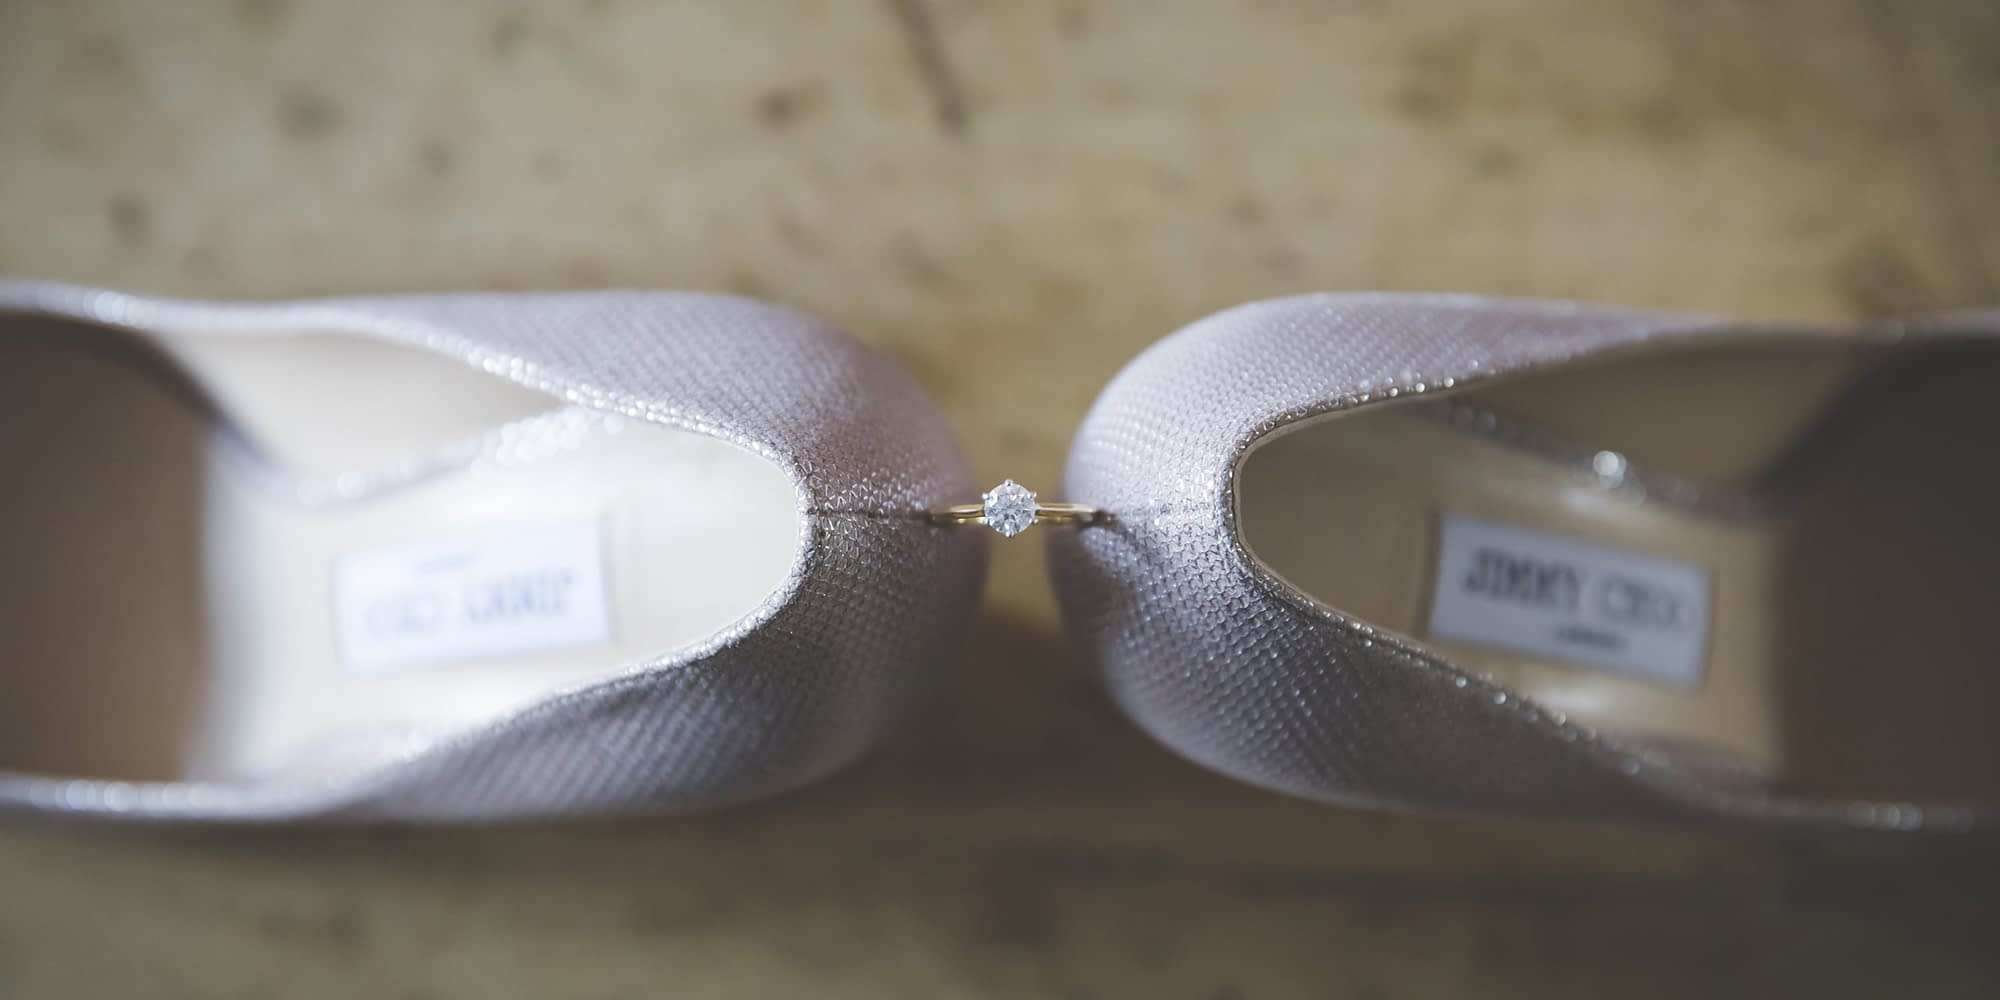 engagement ring balanced on shoe